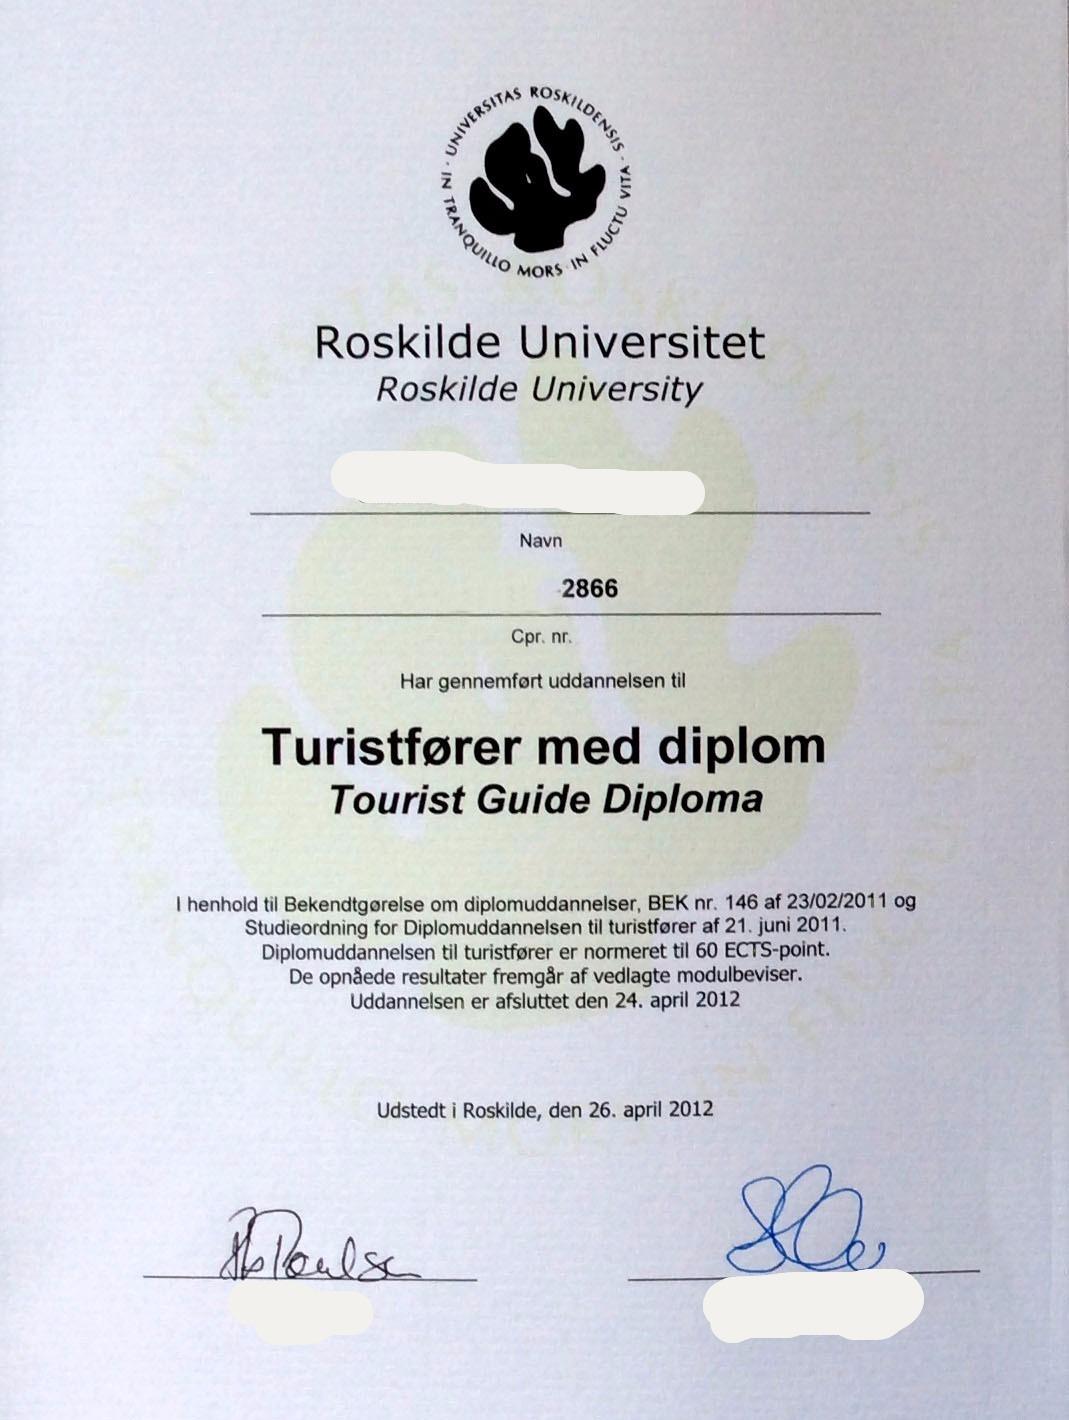 Перевод диплома полученного в Дании